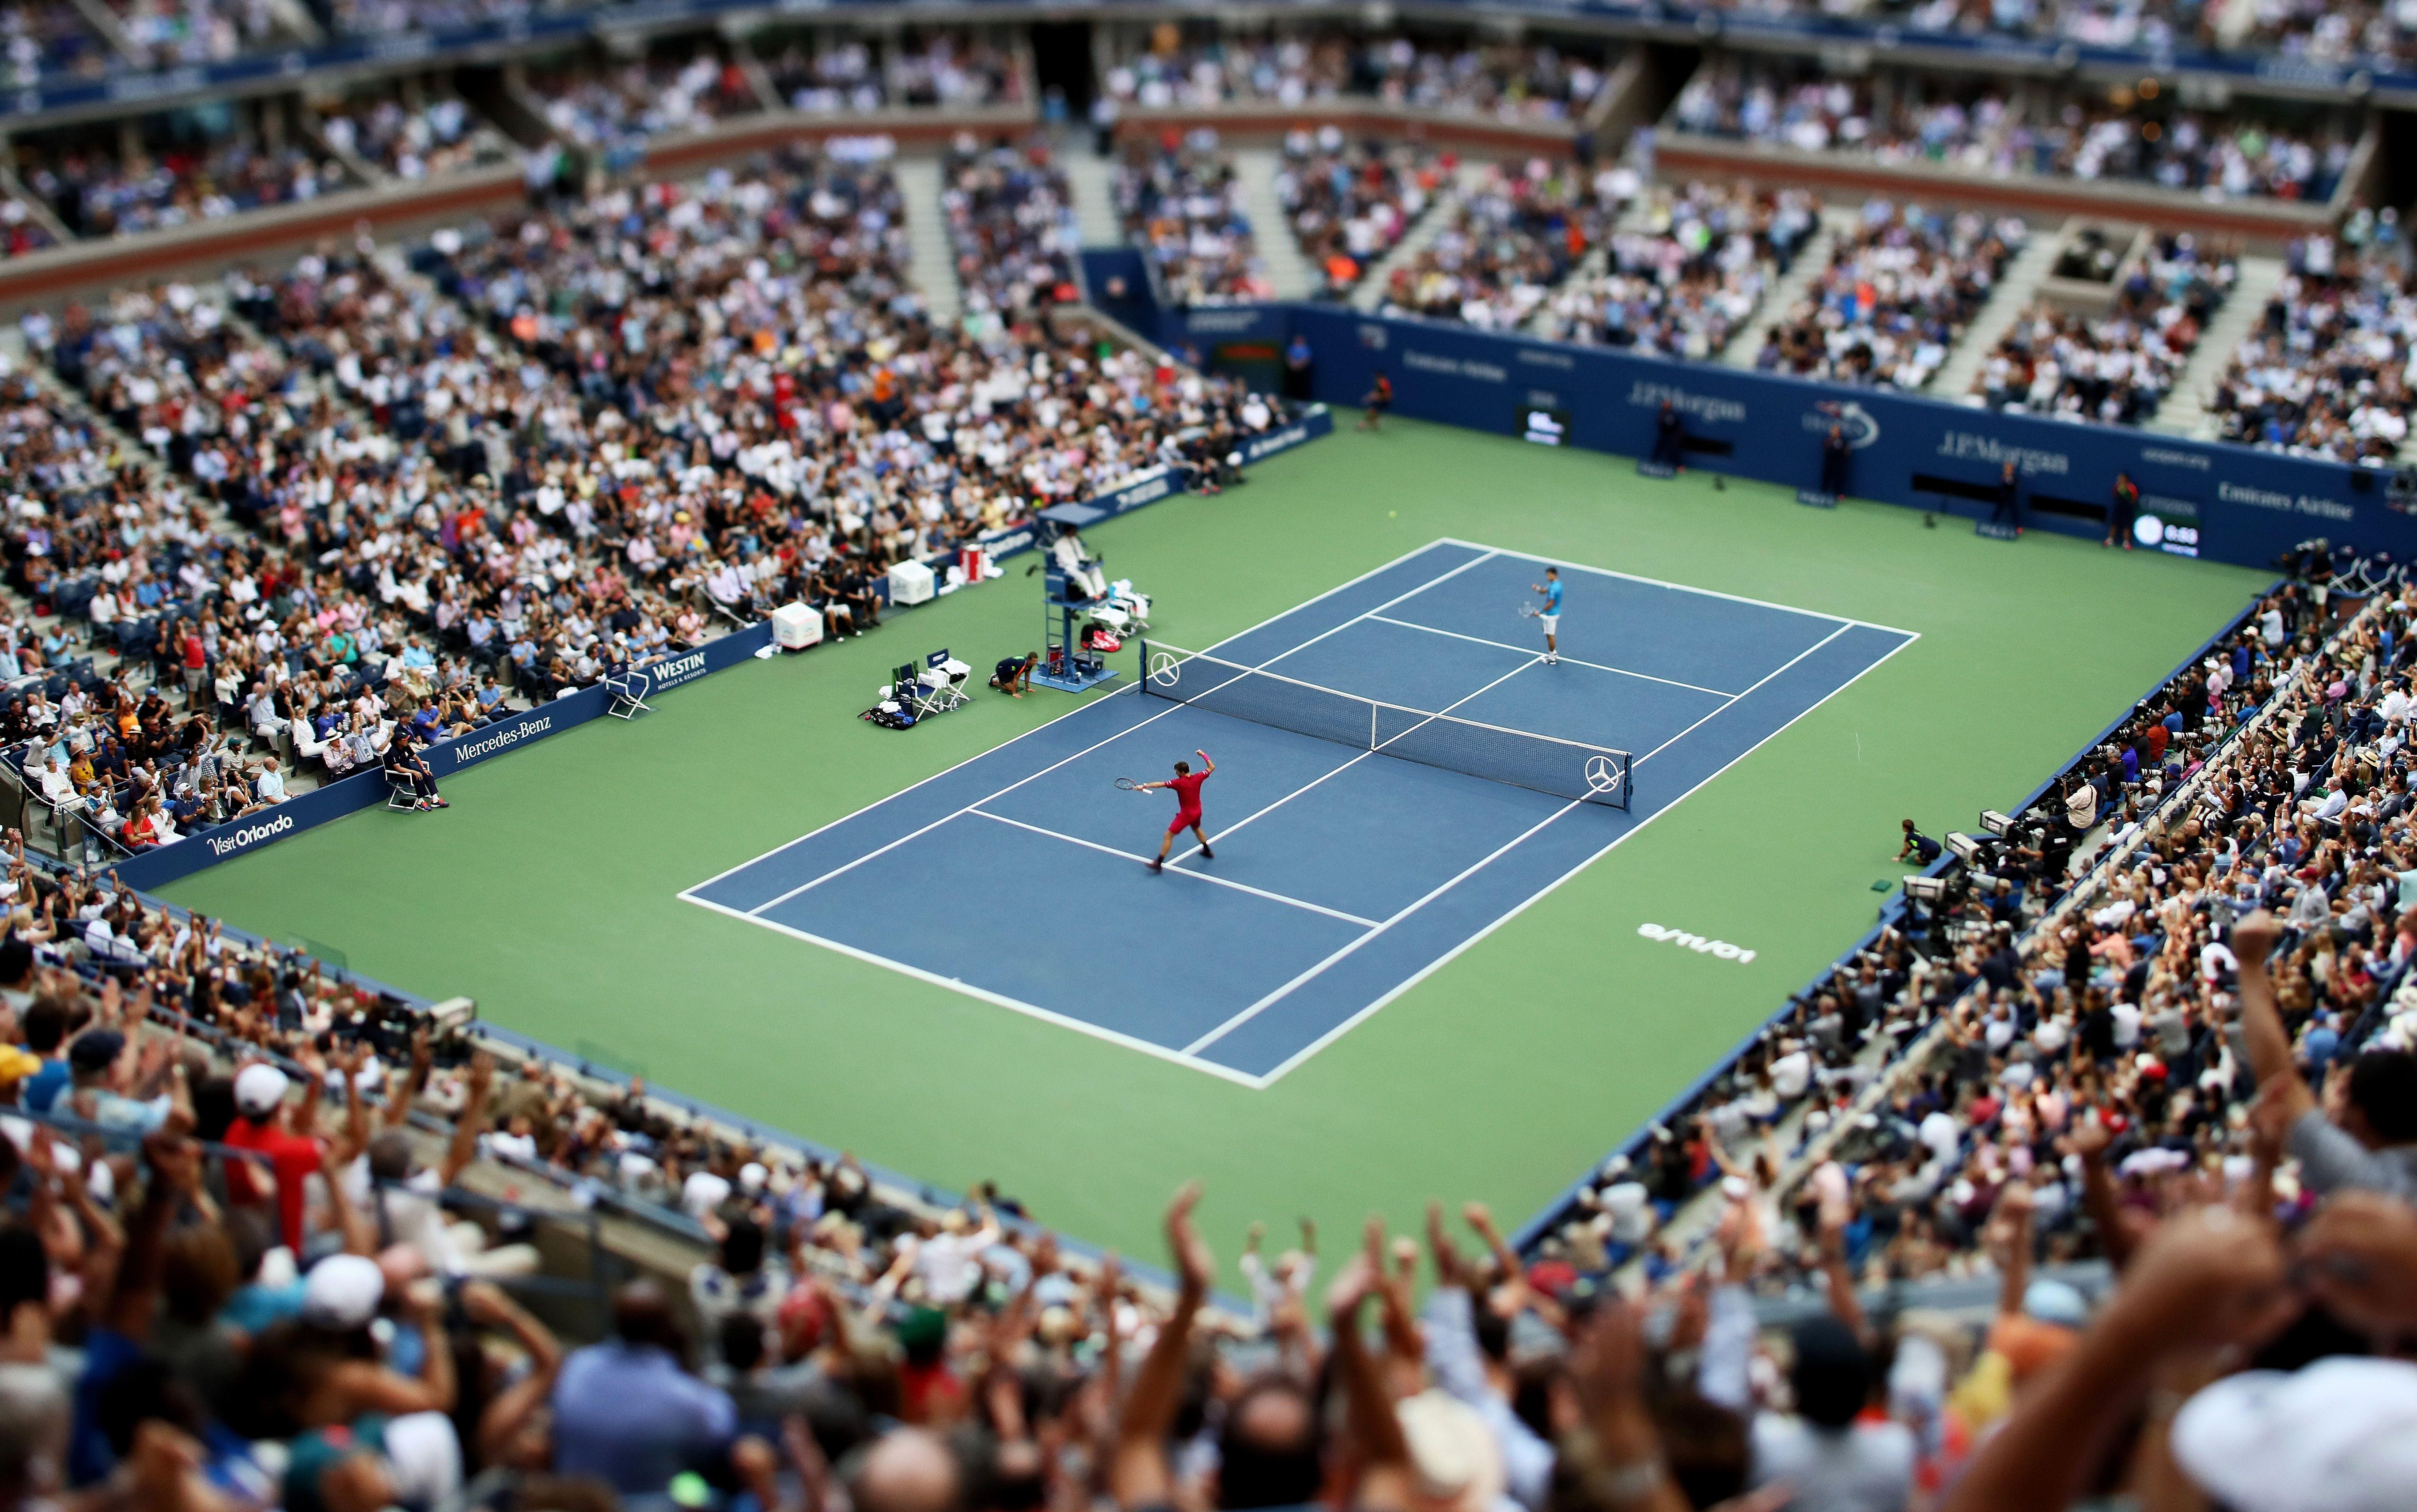 теннисные турниры картинки ведь наш друг